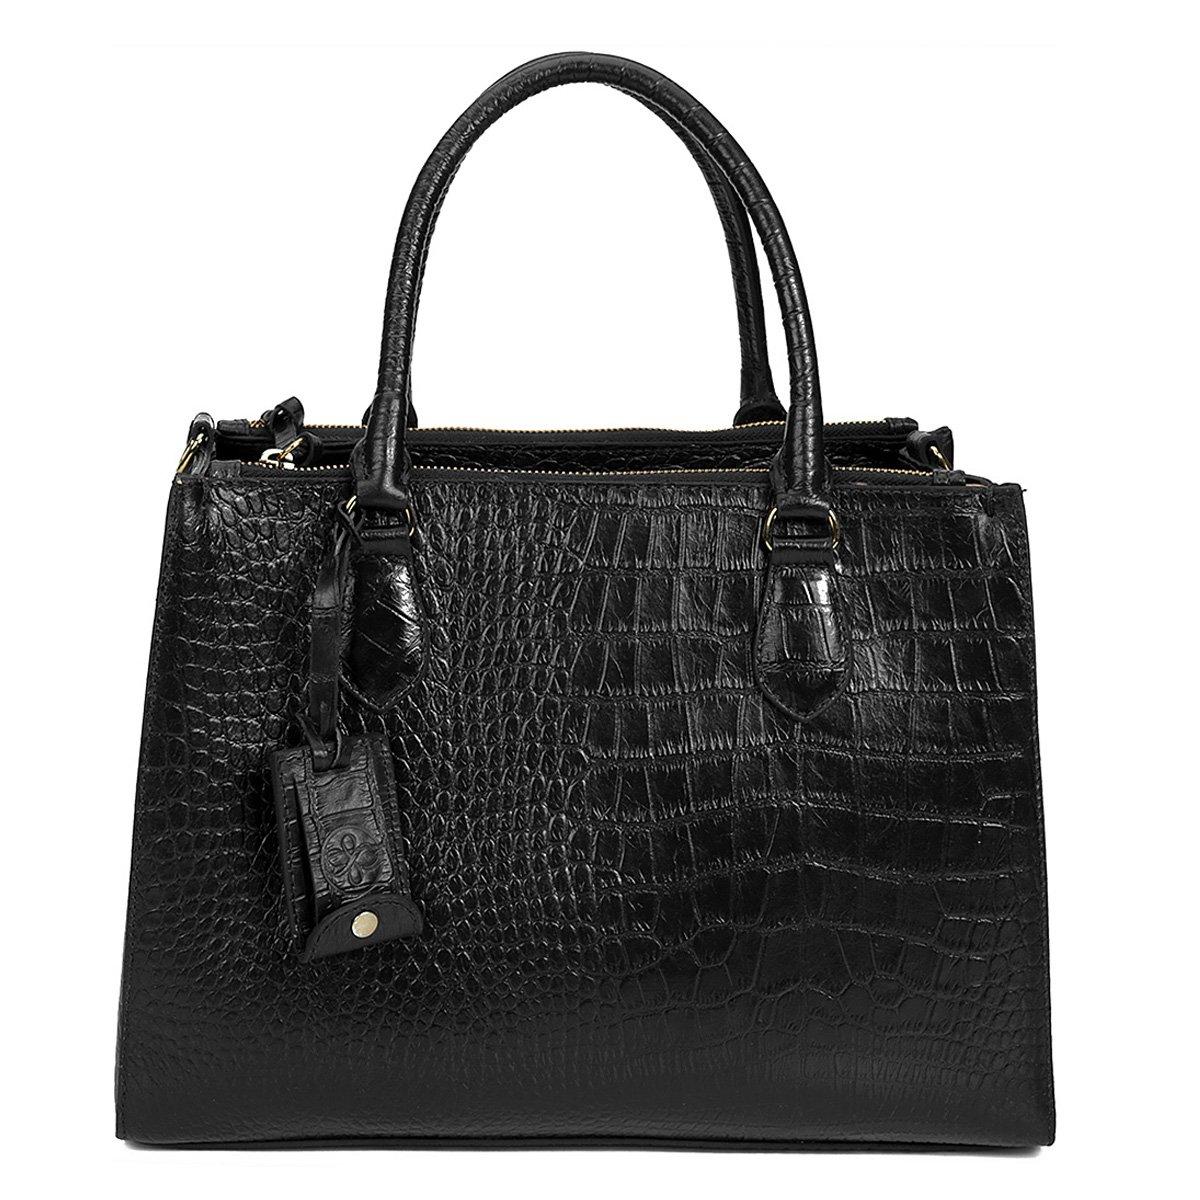 8ea71cd36 Bolsa Couro Shoestock Satchel Croco Feminina - Compre Agora